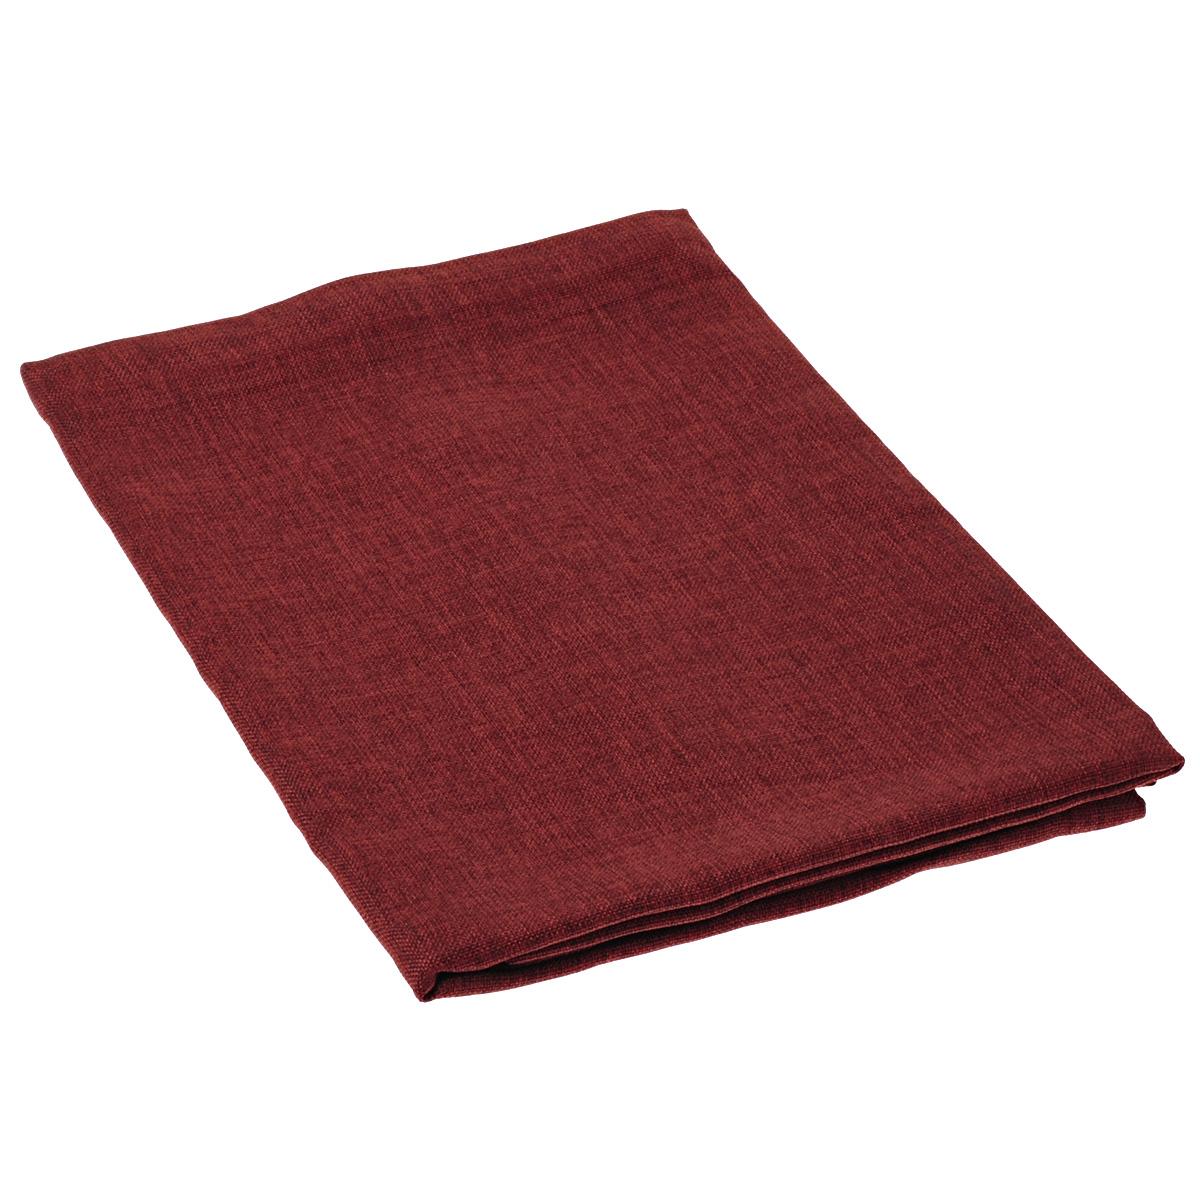 Скатерть Schaefer, прямоугольная, цвет: красный, 135 x 220 см. 41294129/Fb.04-135*220Великолепная скатерть Schaefer, выполненная из полиэстера, органично впишется в интерьер любого помещения, а оригинальный дизайн удовлетворит даже самый изысканный вкус. Изделие легко стирать и гладить, не требует специального ухода. Это текстильное изделие станет удобным и оригинальным украшением вашего дома! Изысканный текстиль от немецкой компании Schaefer - это красота, стиль и уют в вашем доме. Дарите себе и близким красоту каждый день!